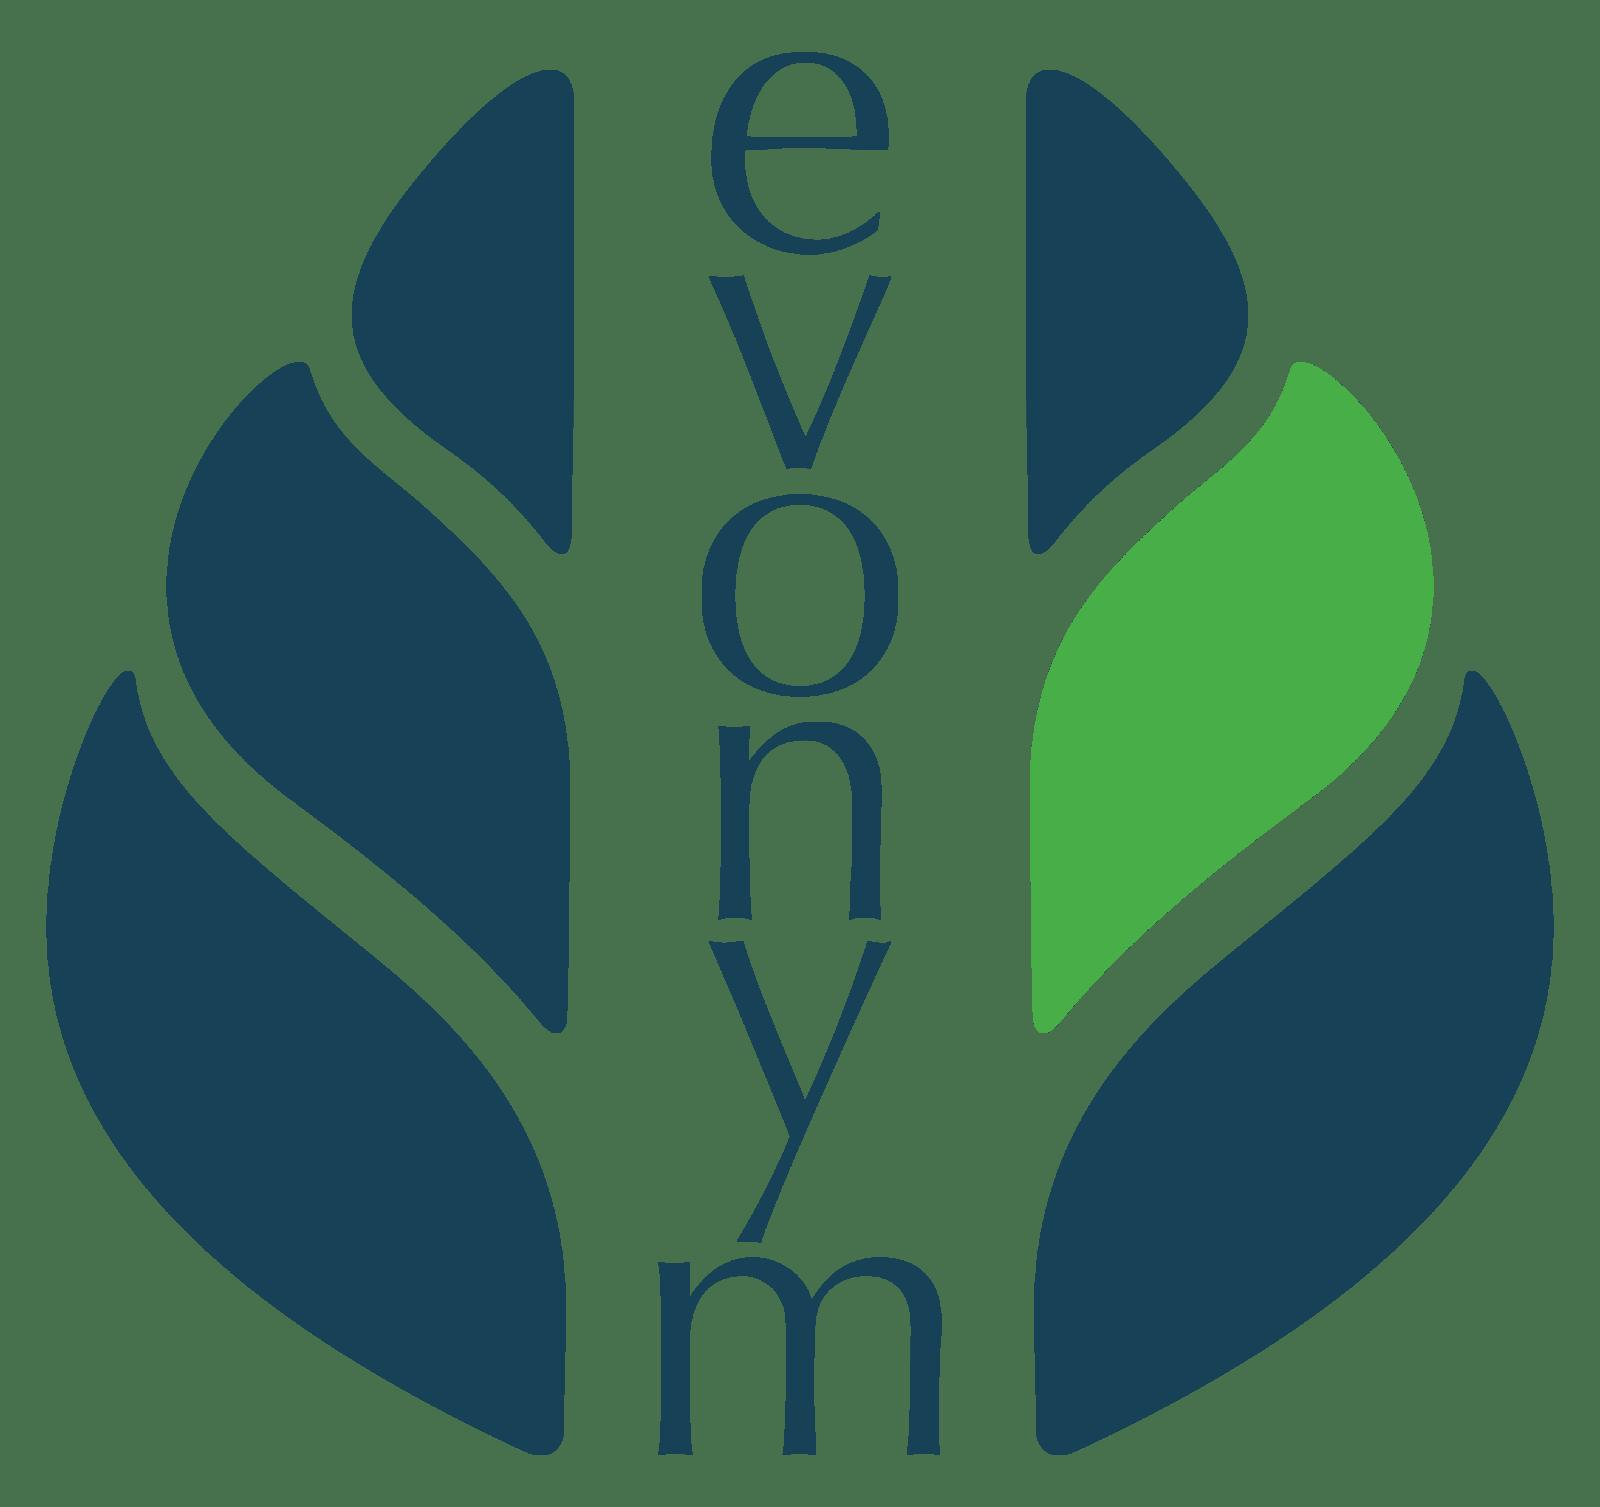 Evonym